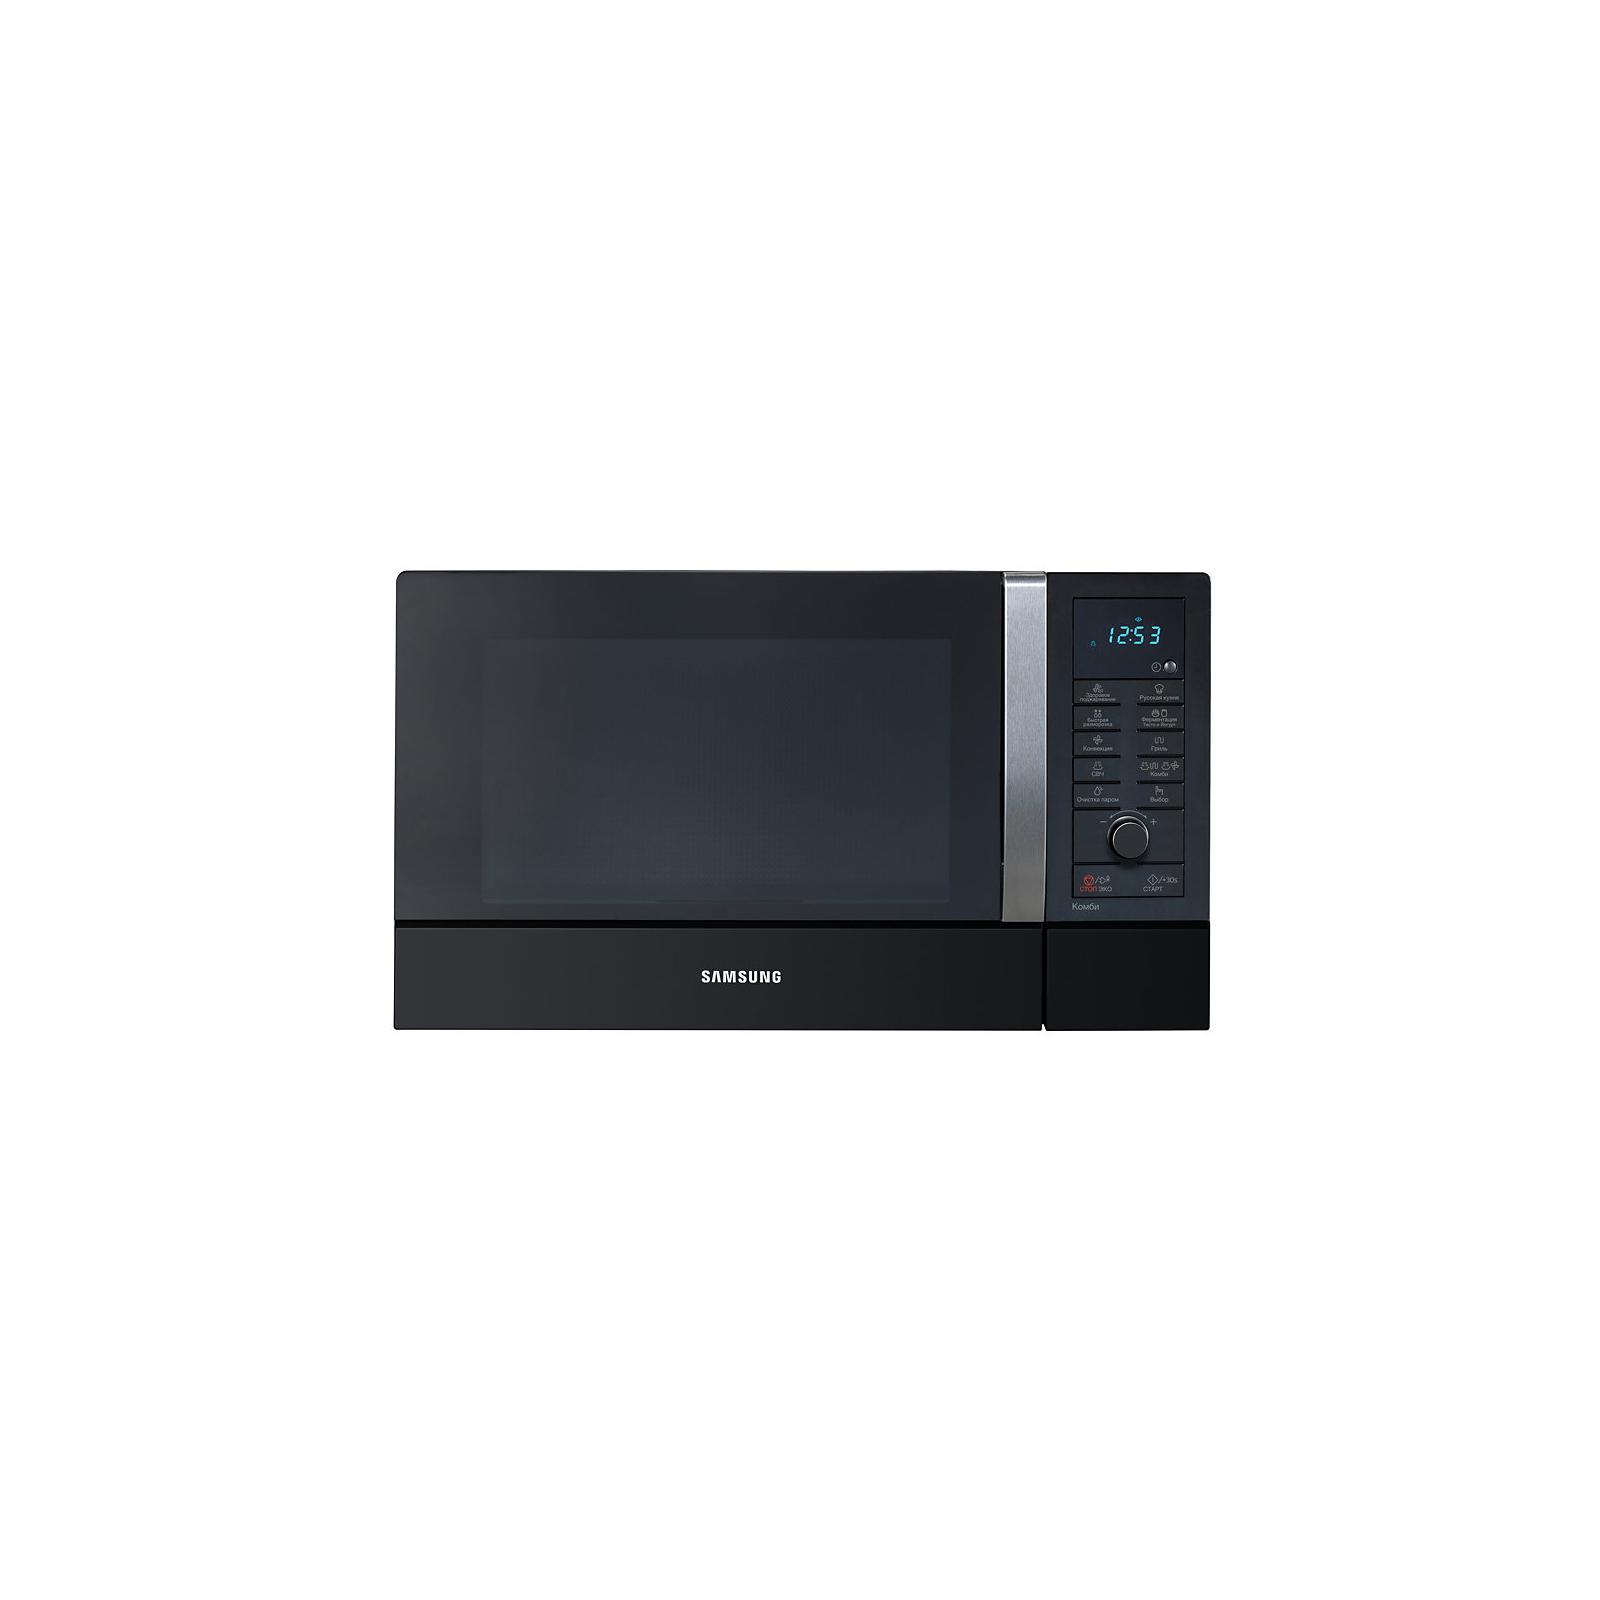 Микроволновая печь Samsung CE107MNR-B